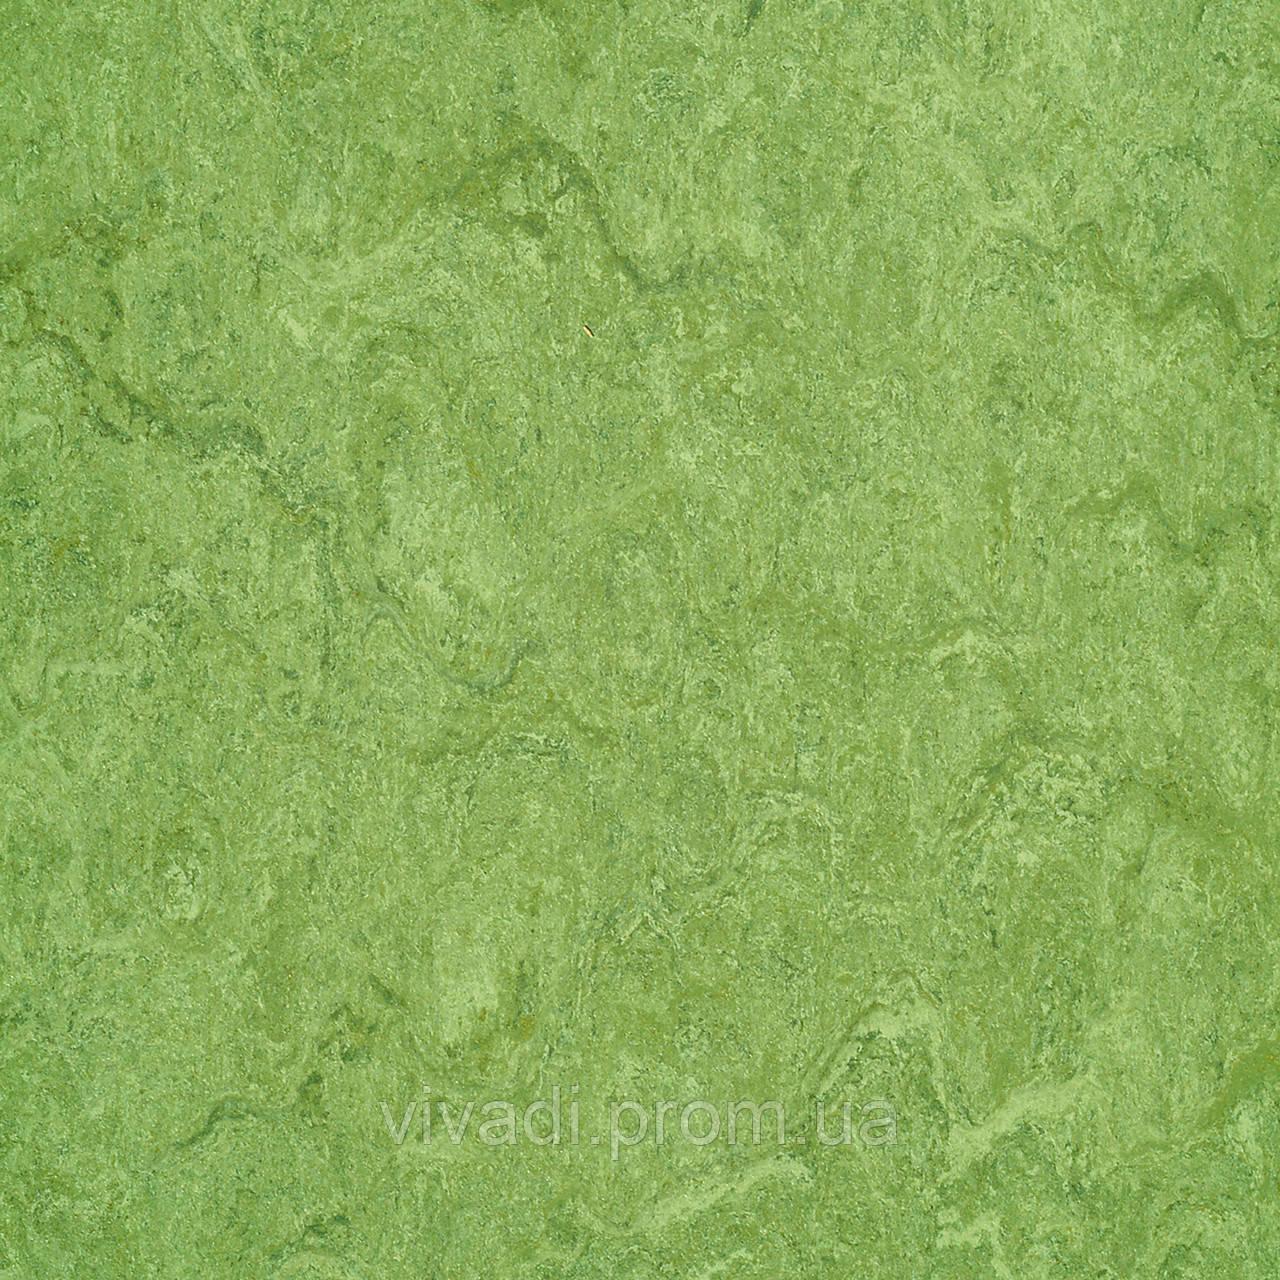 Натуральний лінолеум Marmorette PUR - колір 125-100